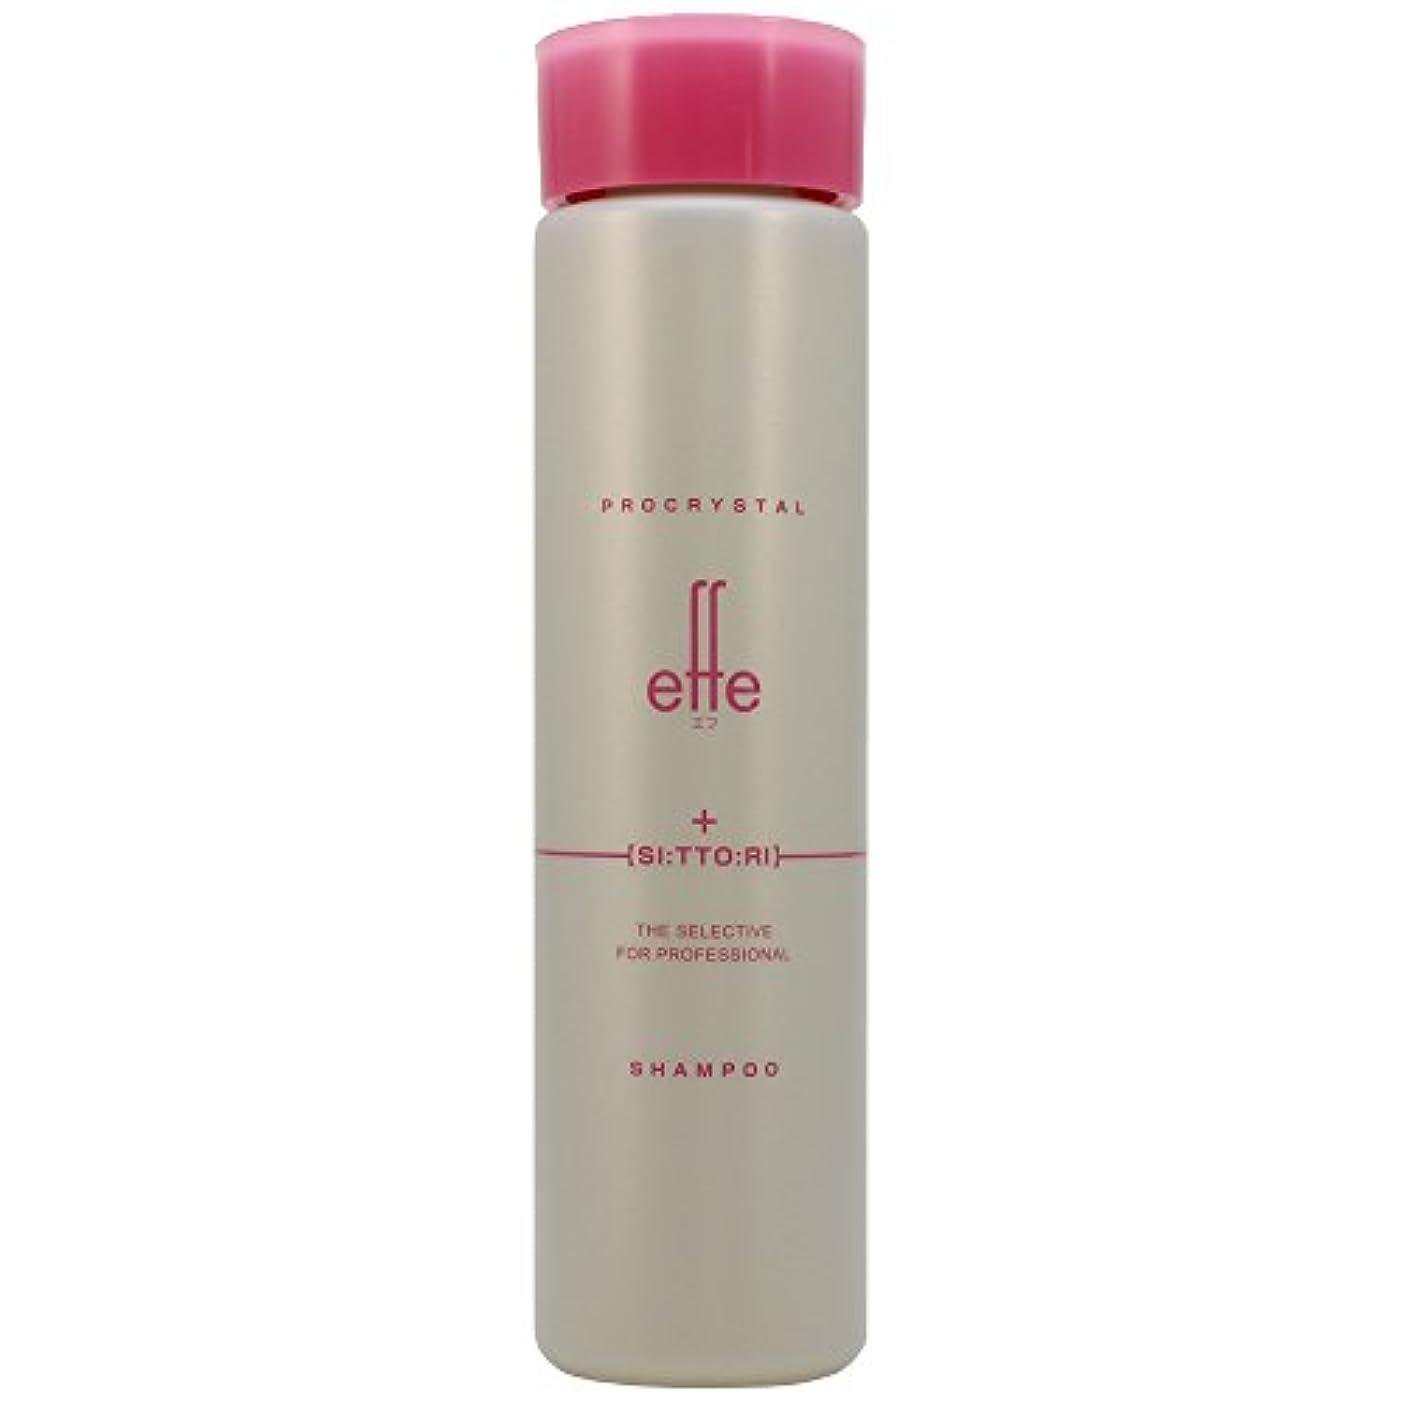 半球ブラウズホイッスルアペティート化粧品 プロクリスタル effe (エフ) シャンプー しっとり250ml